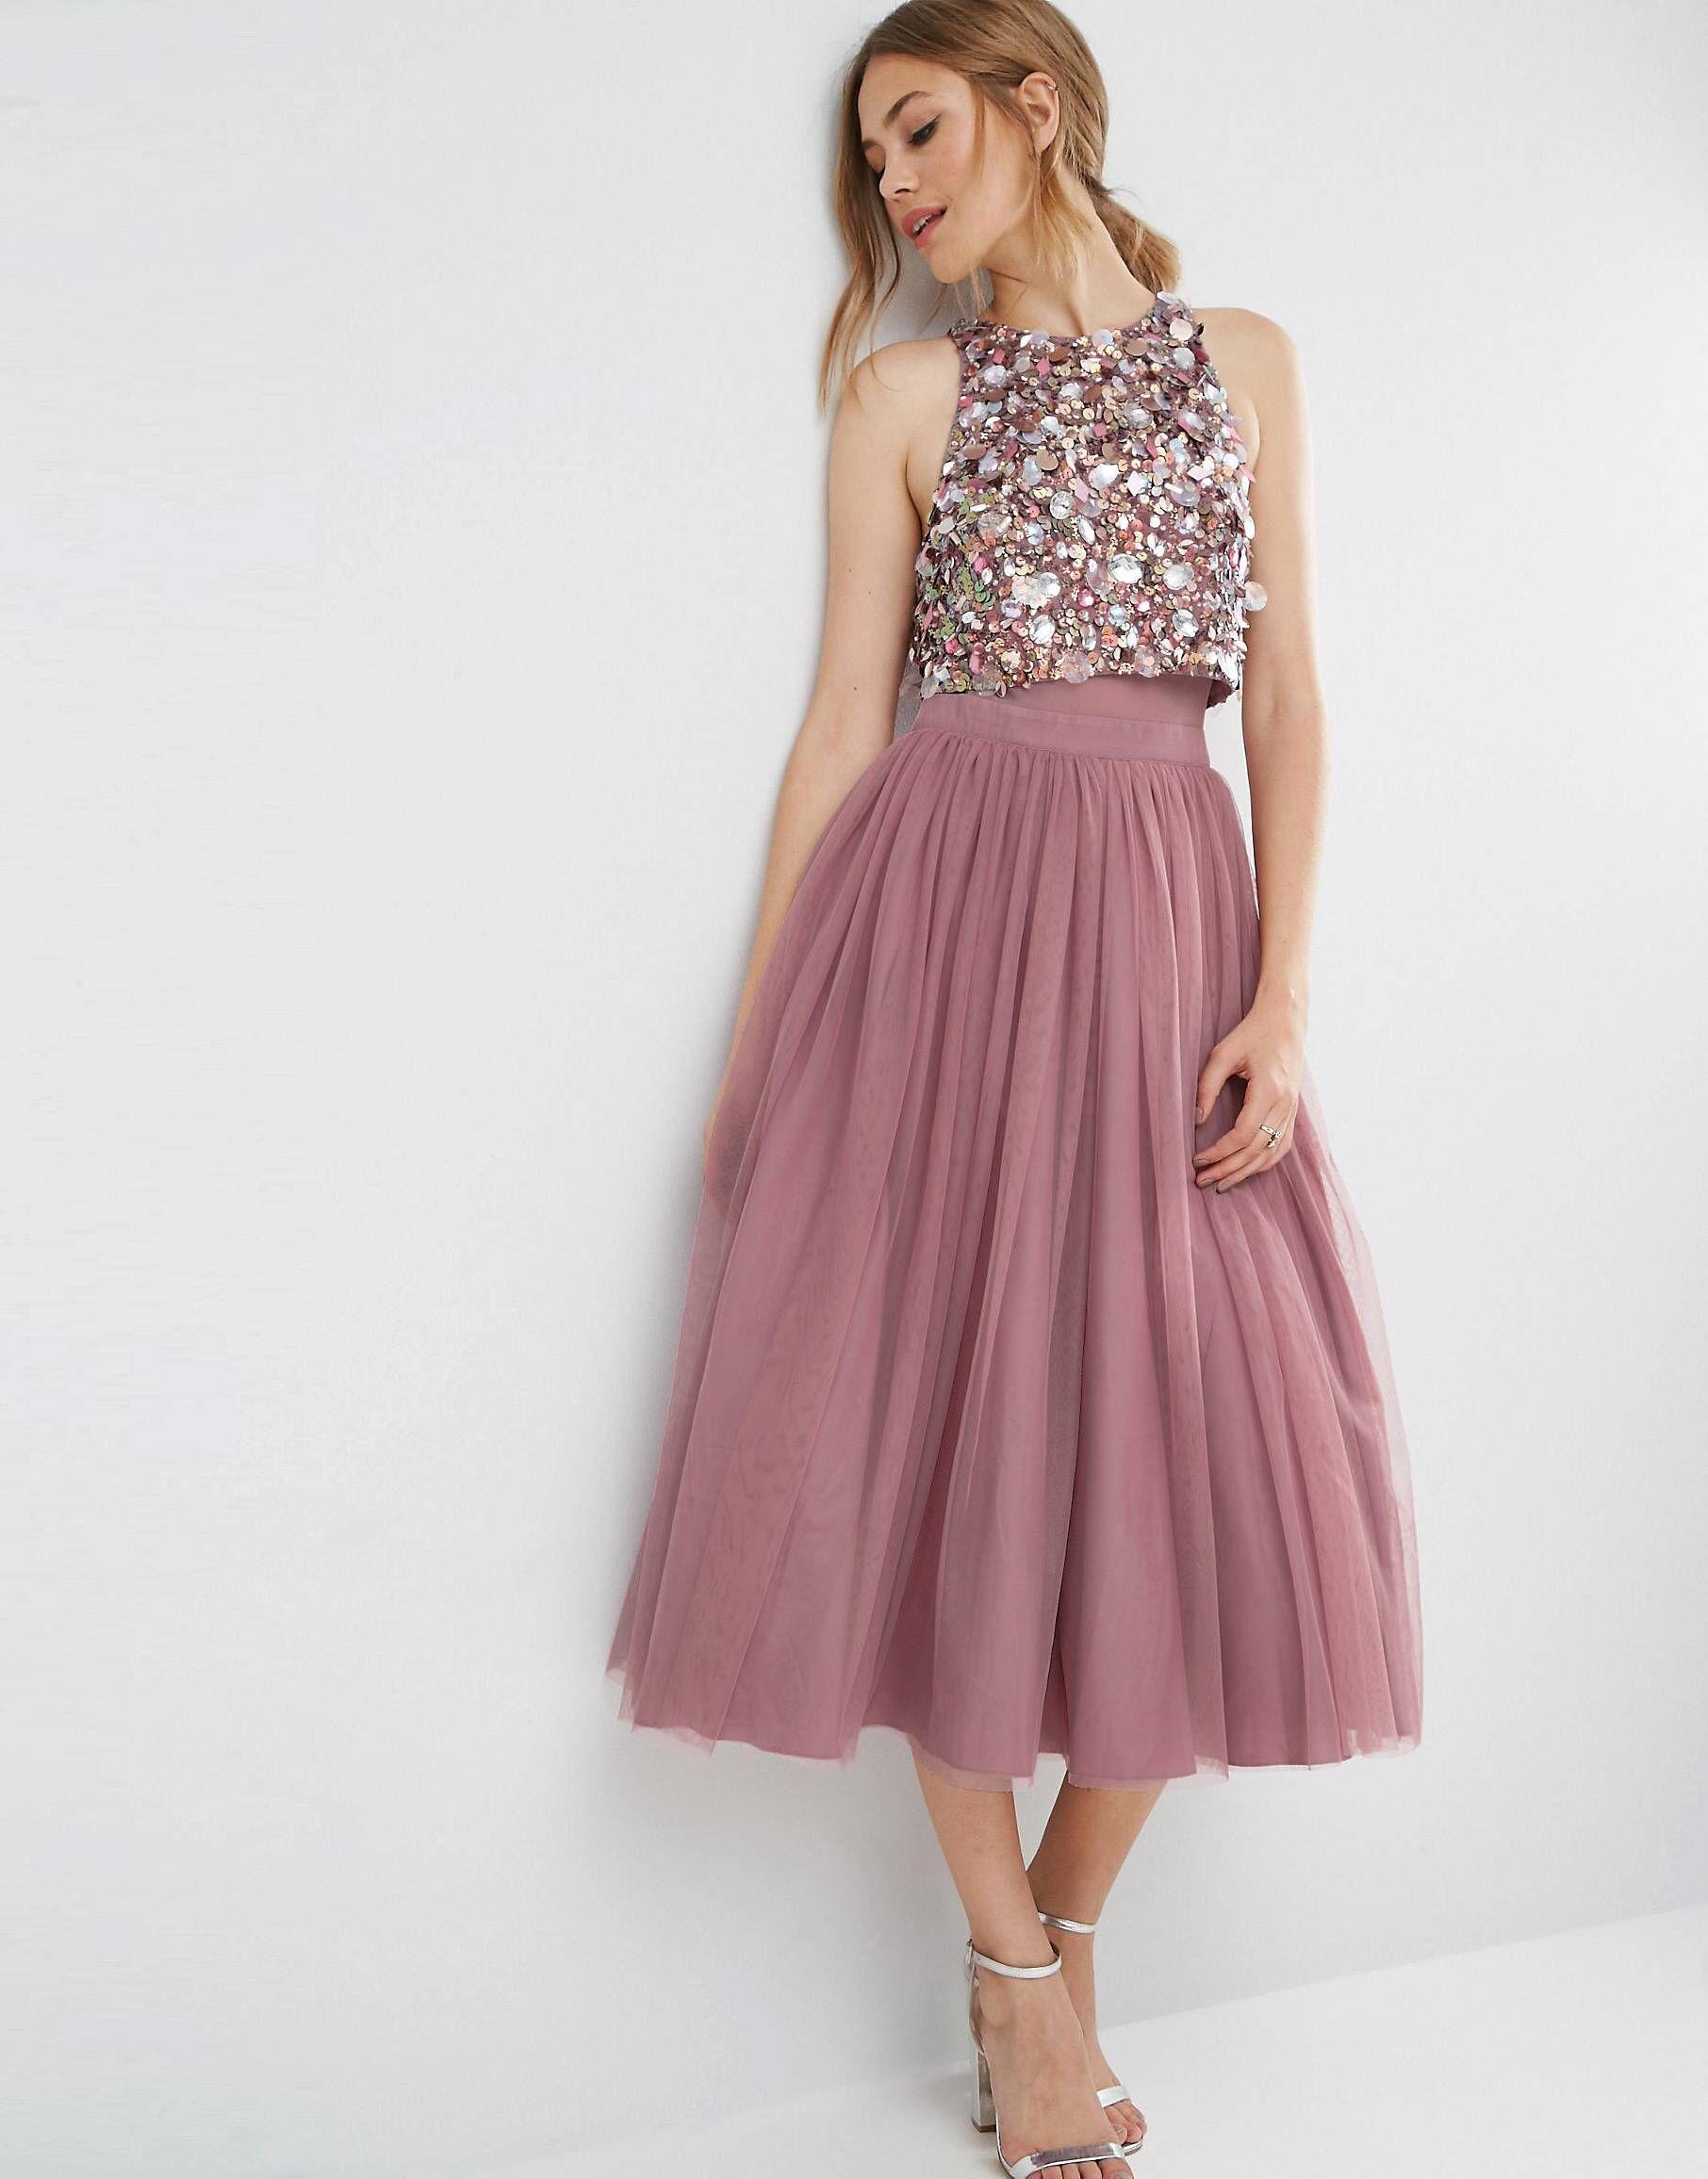 Cluster Embellished Mesh Crop Top Midi Dress | Pinterest | Shops